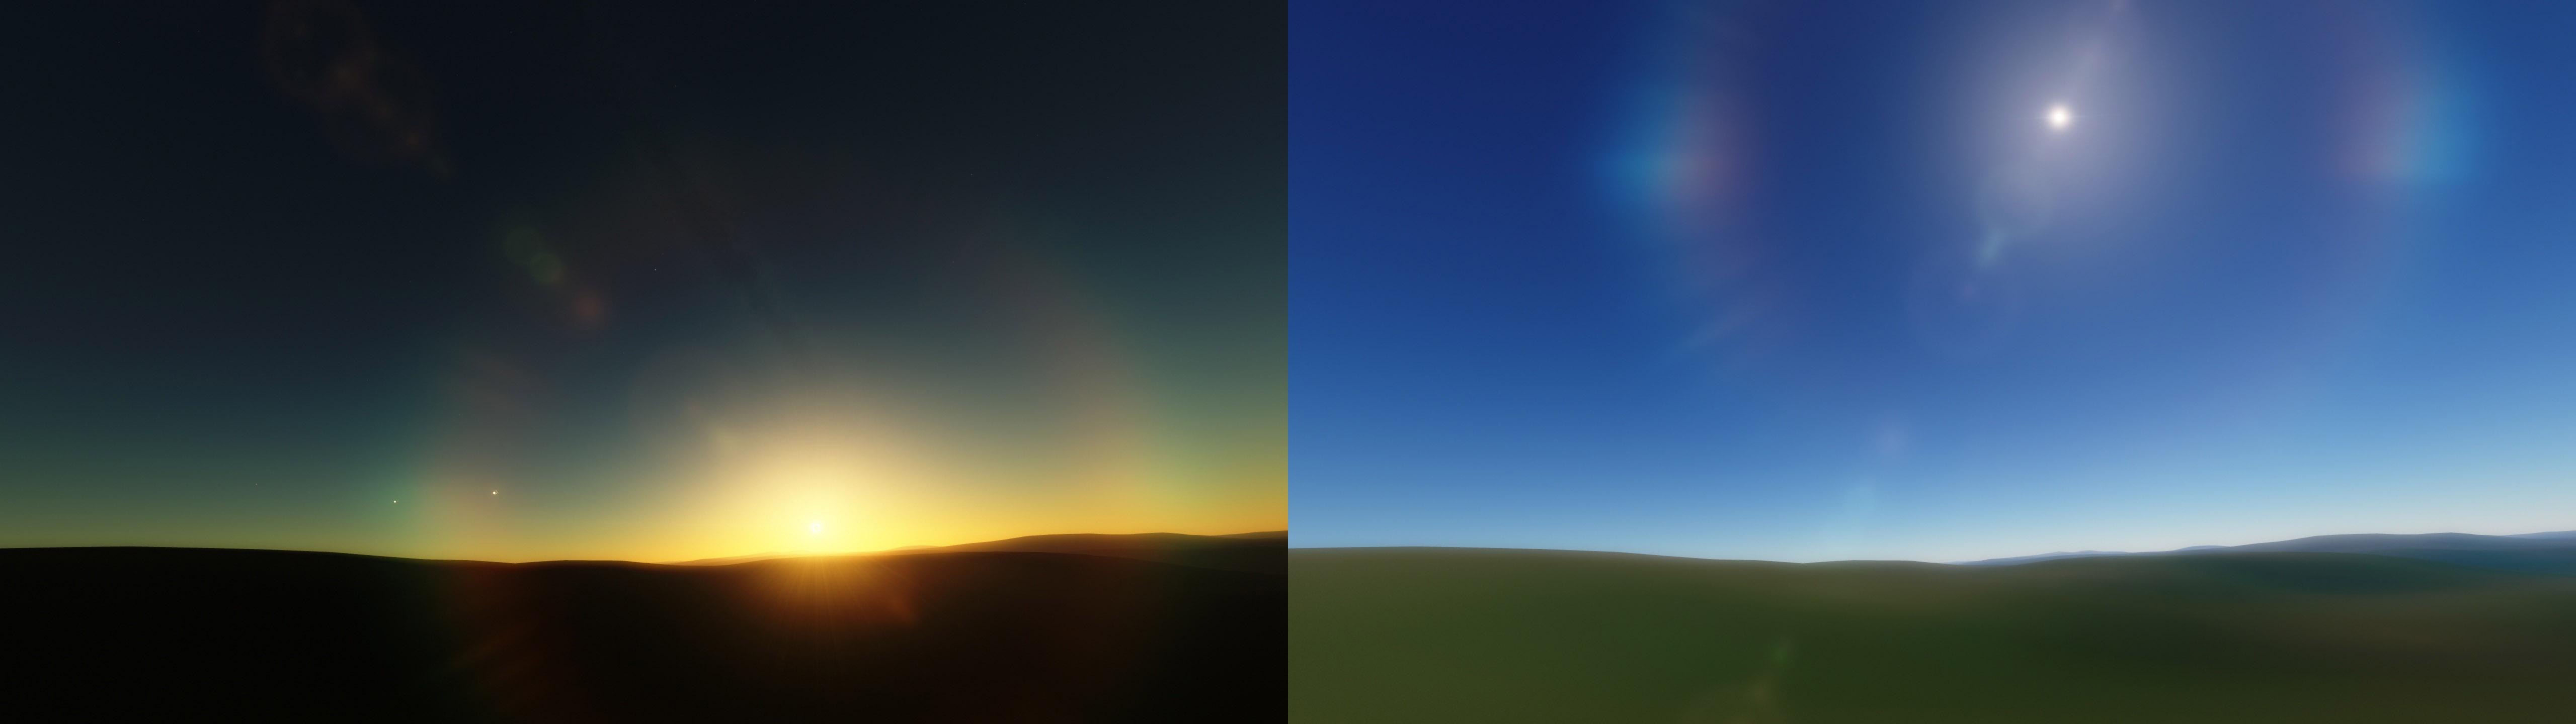 Где-то насевере Норвегии солнце вполдень летом выглядит примерно, как налевой картинке, азимой— как направой